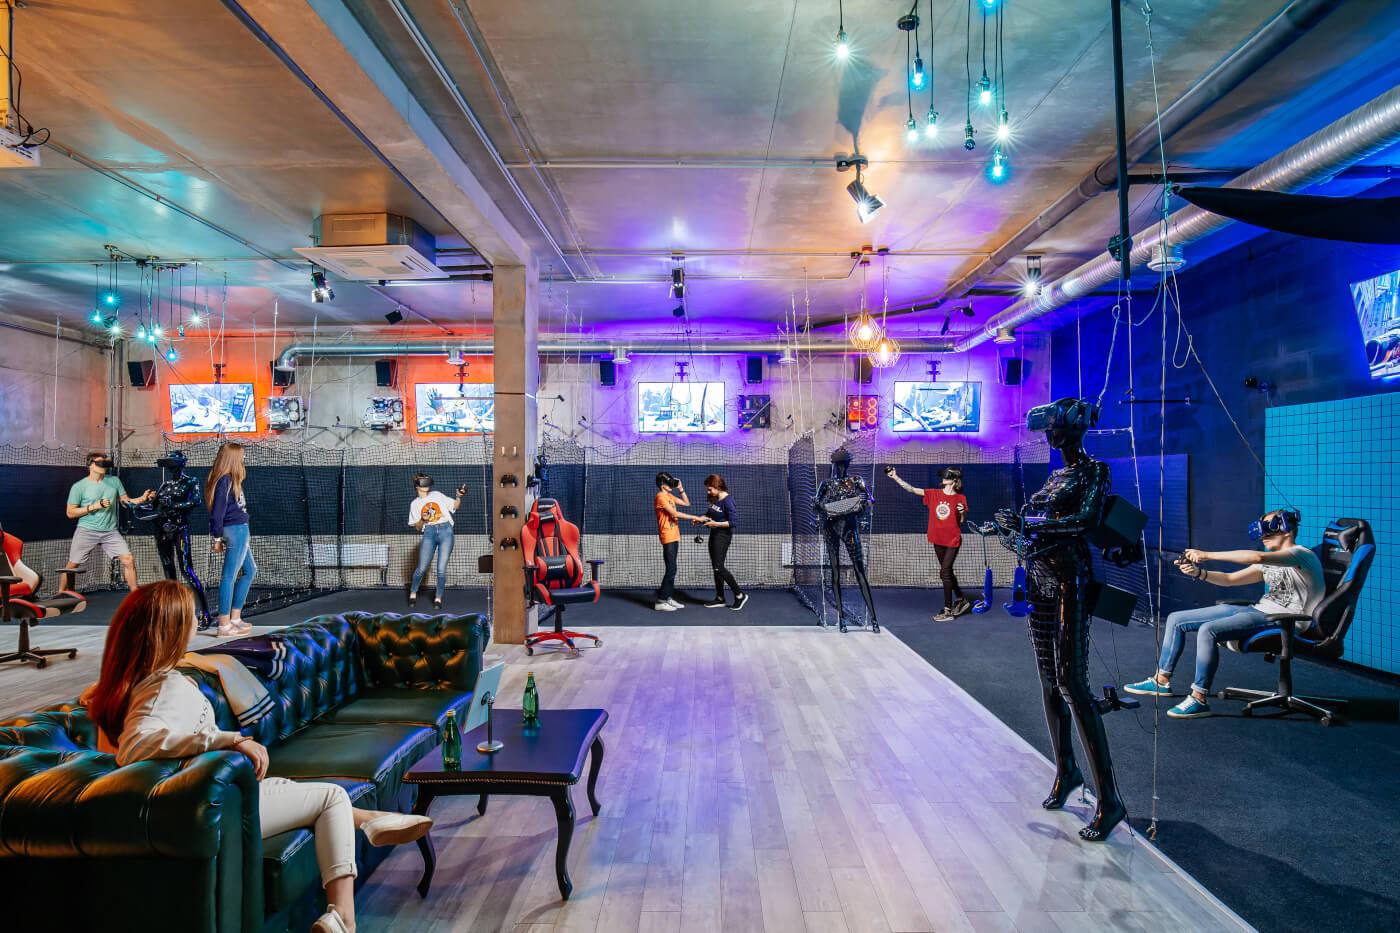 виртуальный клуб москва